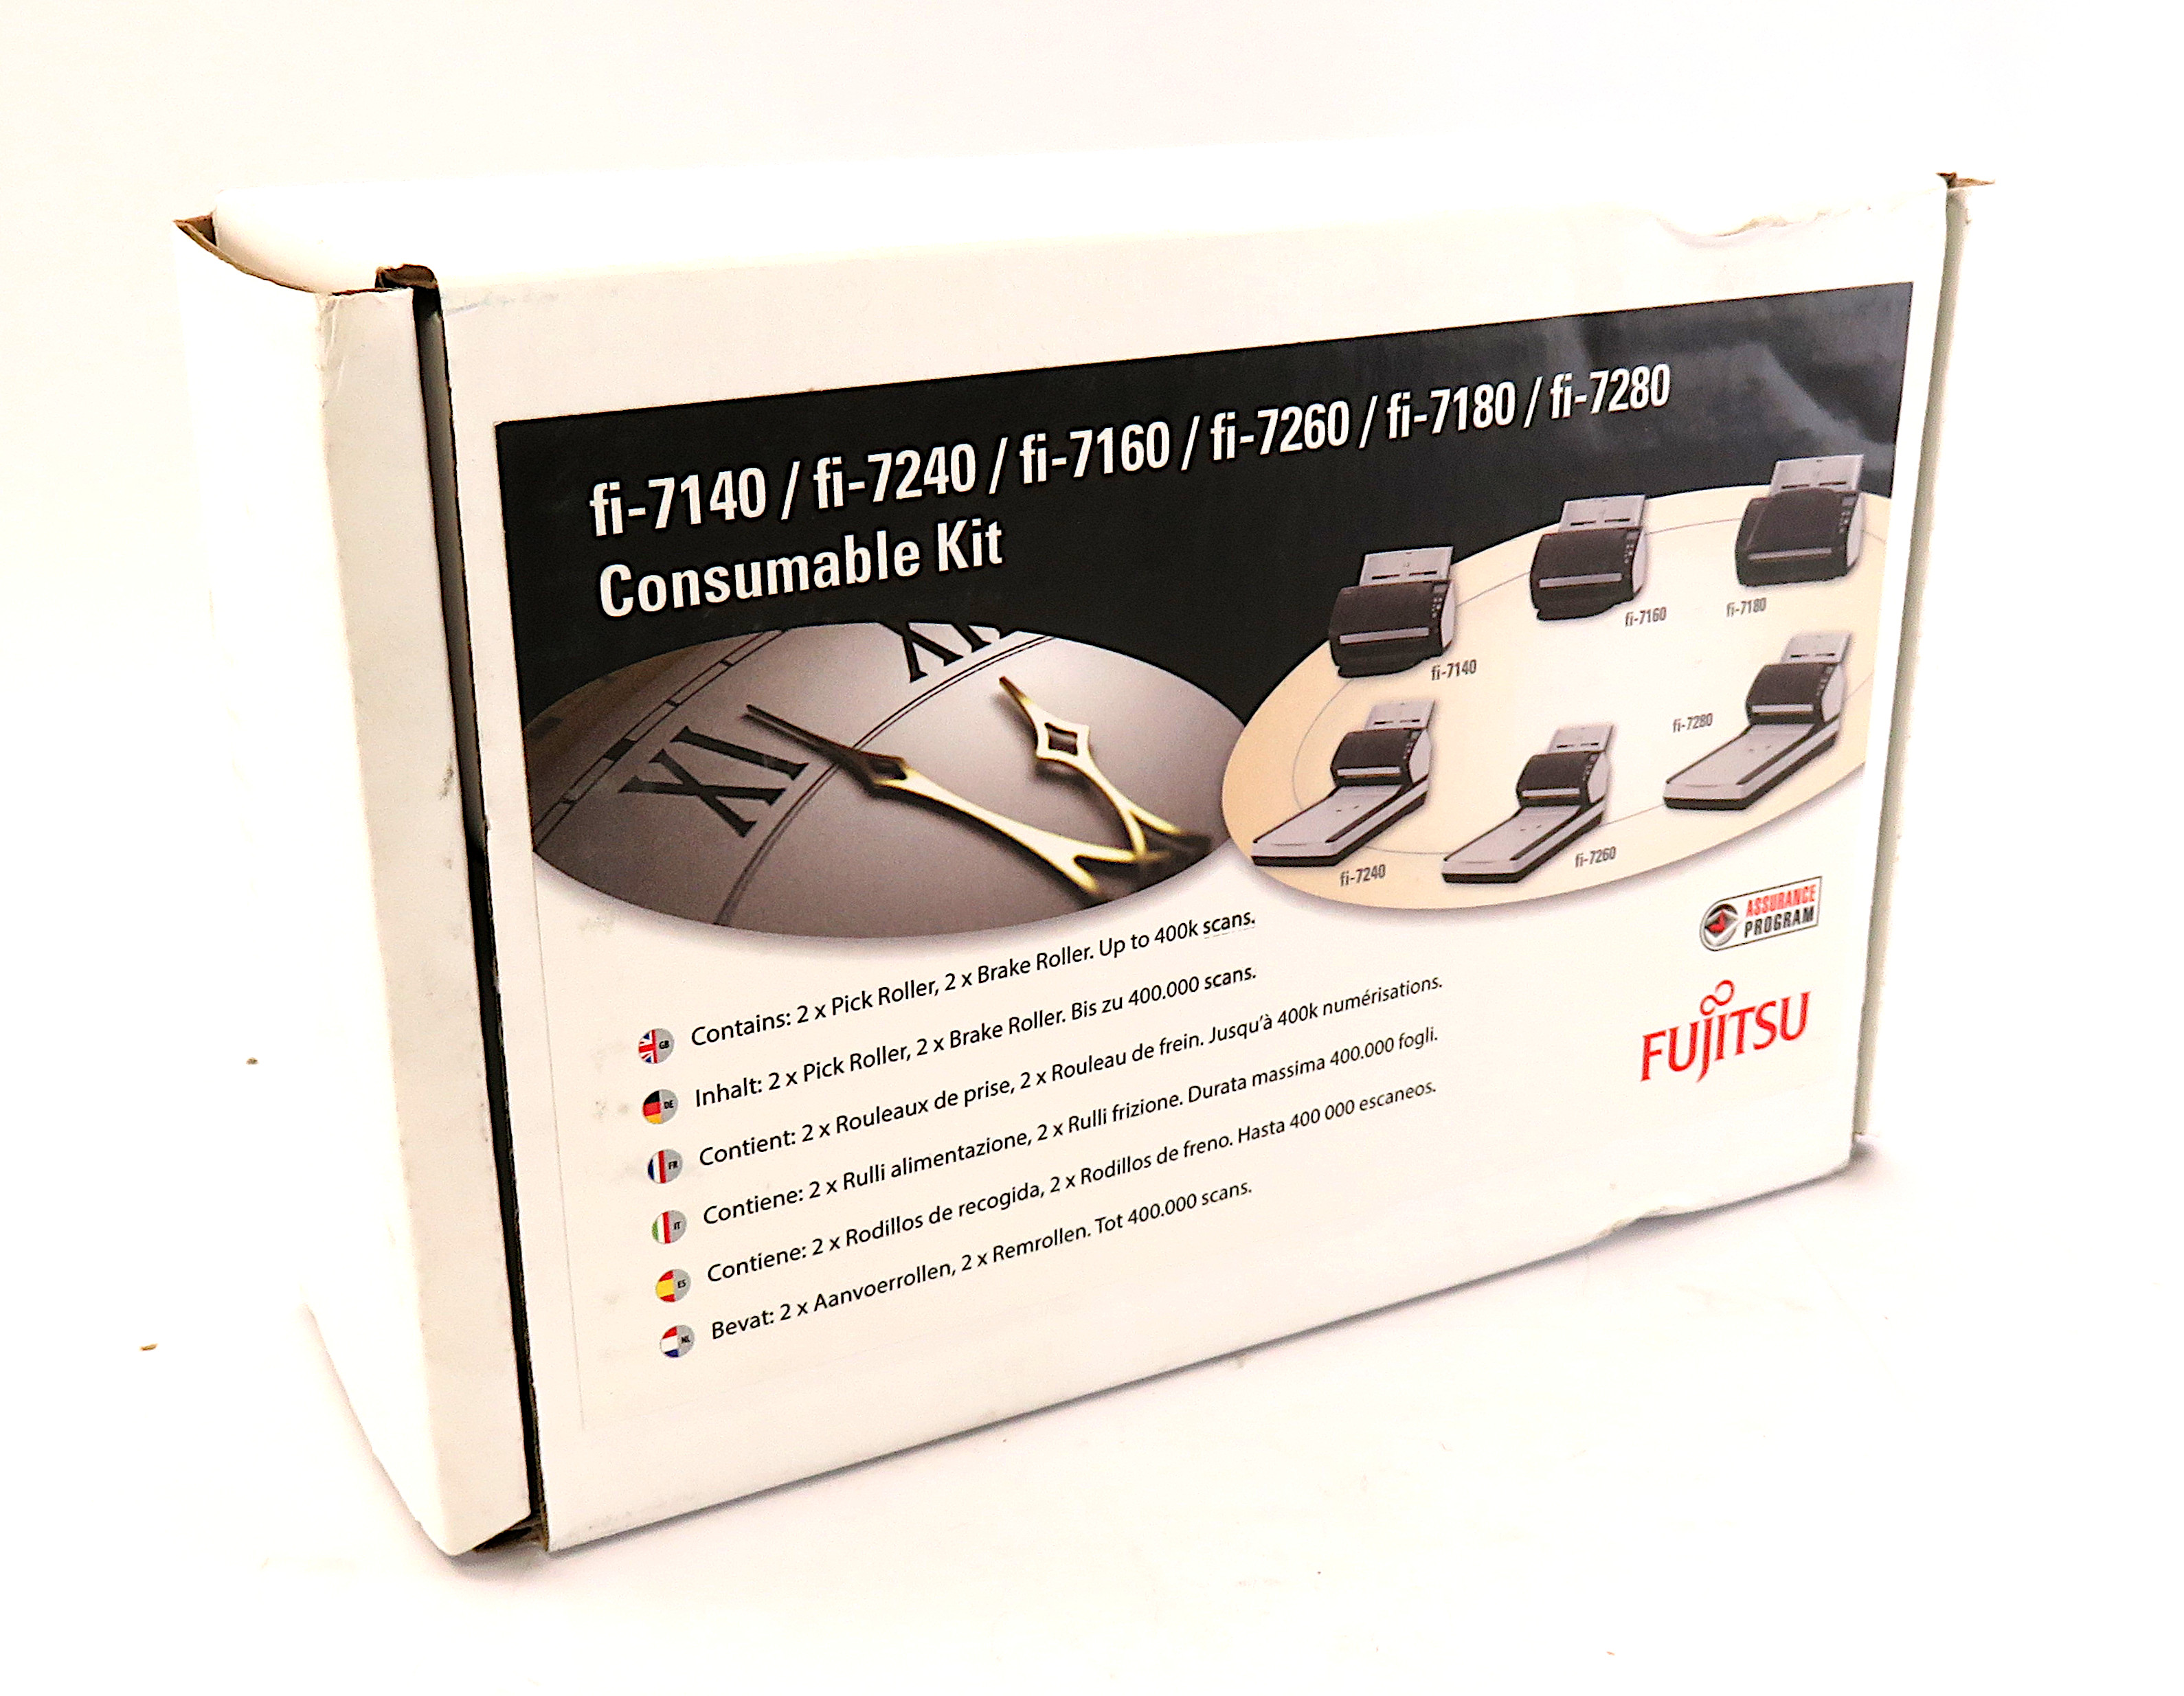 Fujitsu CON-3670-002A Consumable Kit for fi-7140/fi-7160/fi-7260/fi-7180/fi-7280